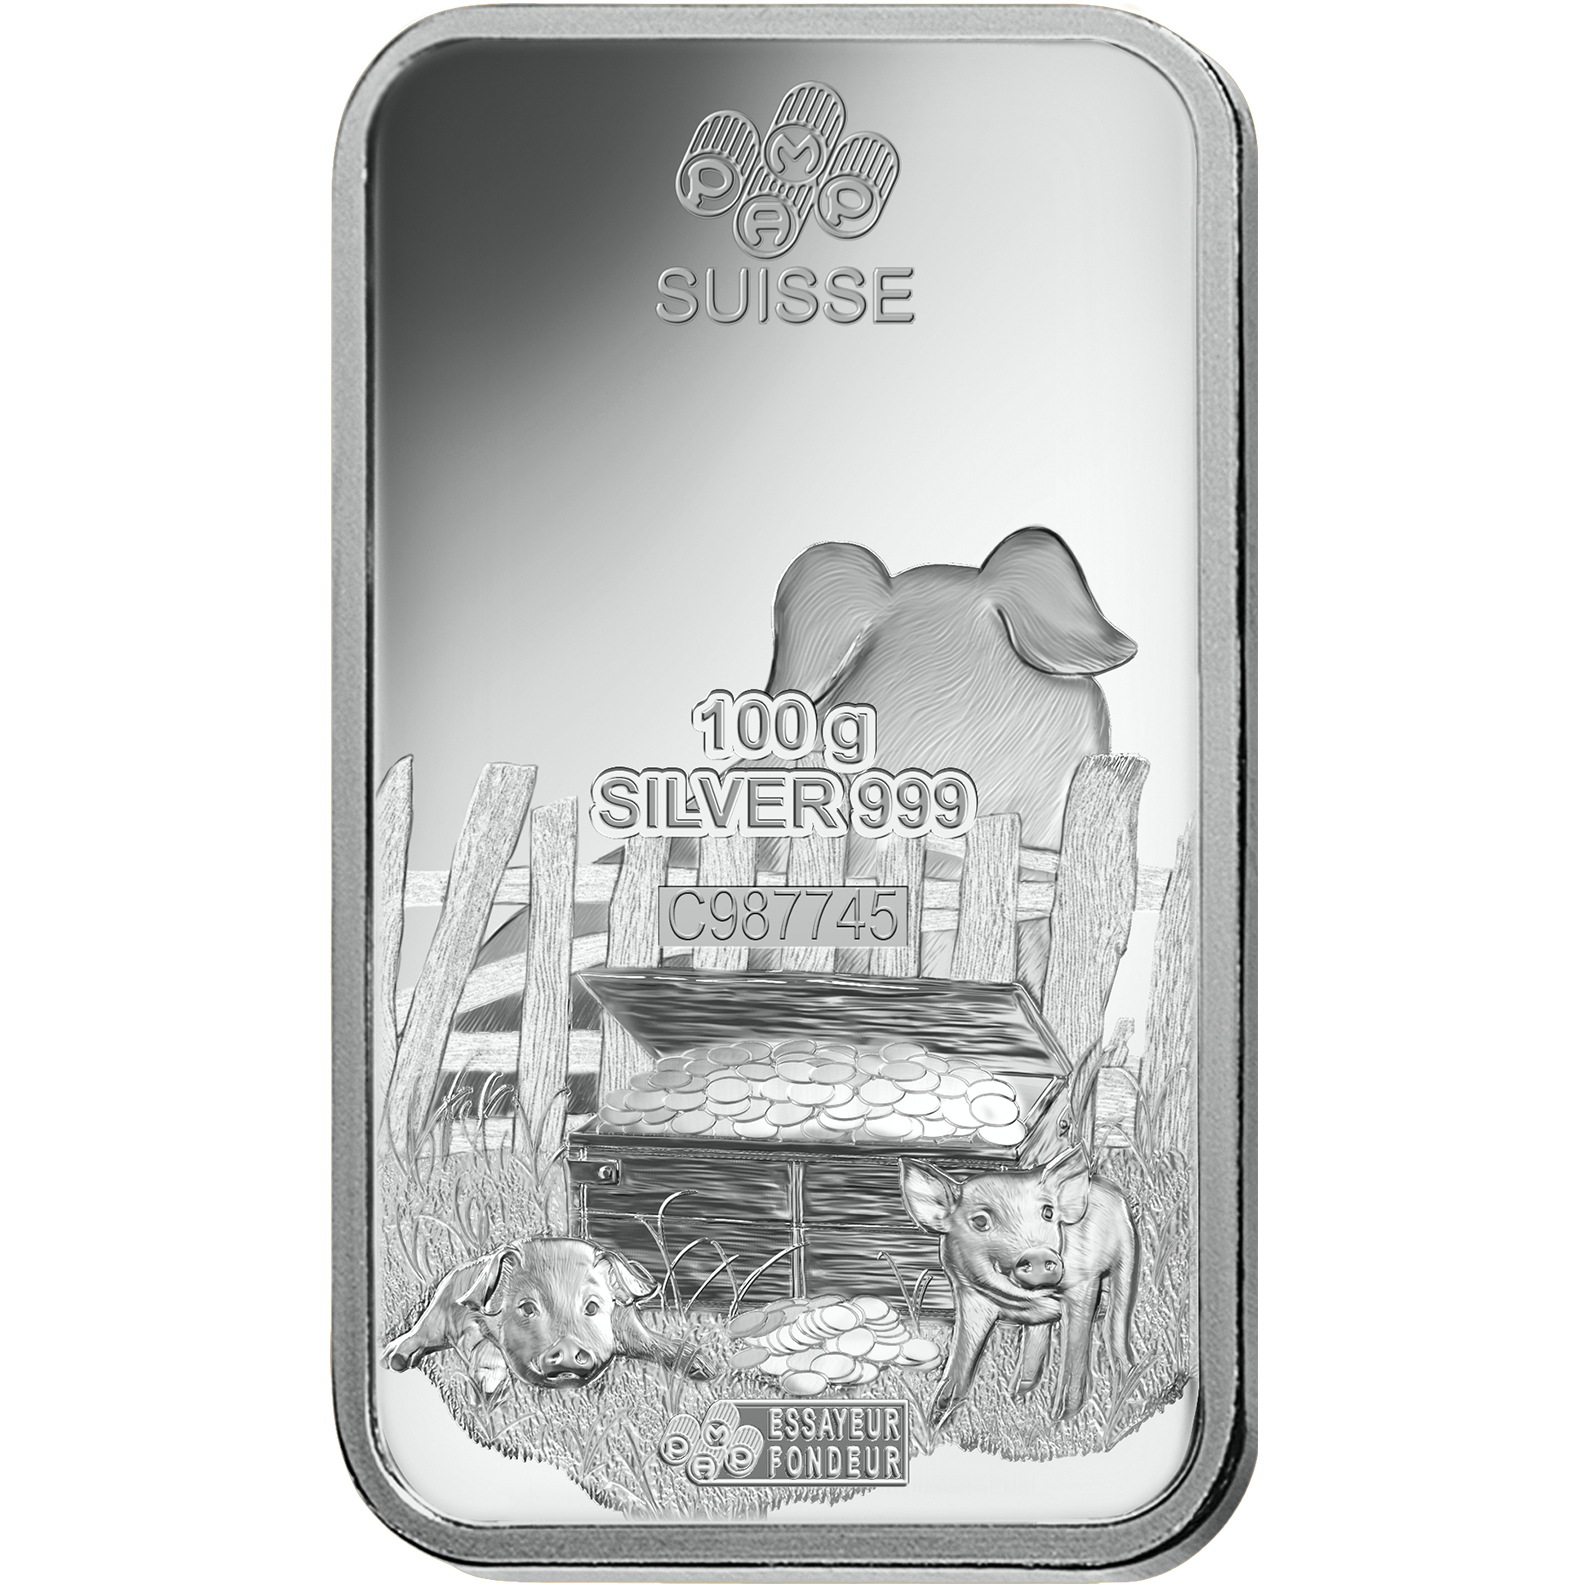 100 Gramm FeinSilberbarren 999.0 - PAMP Suisse Lunar Schwein